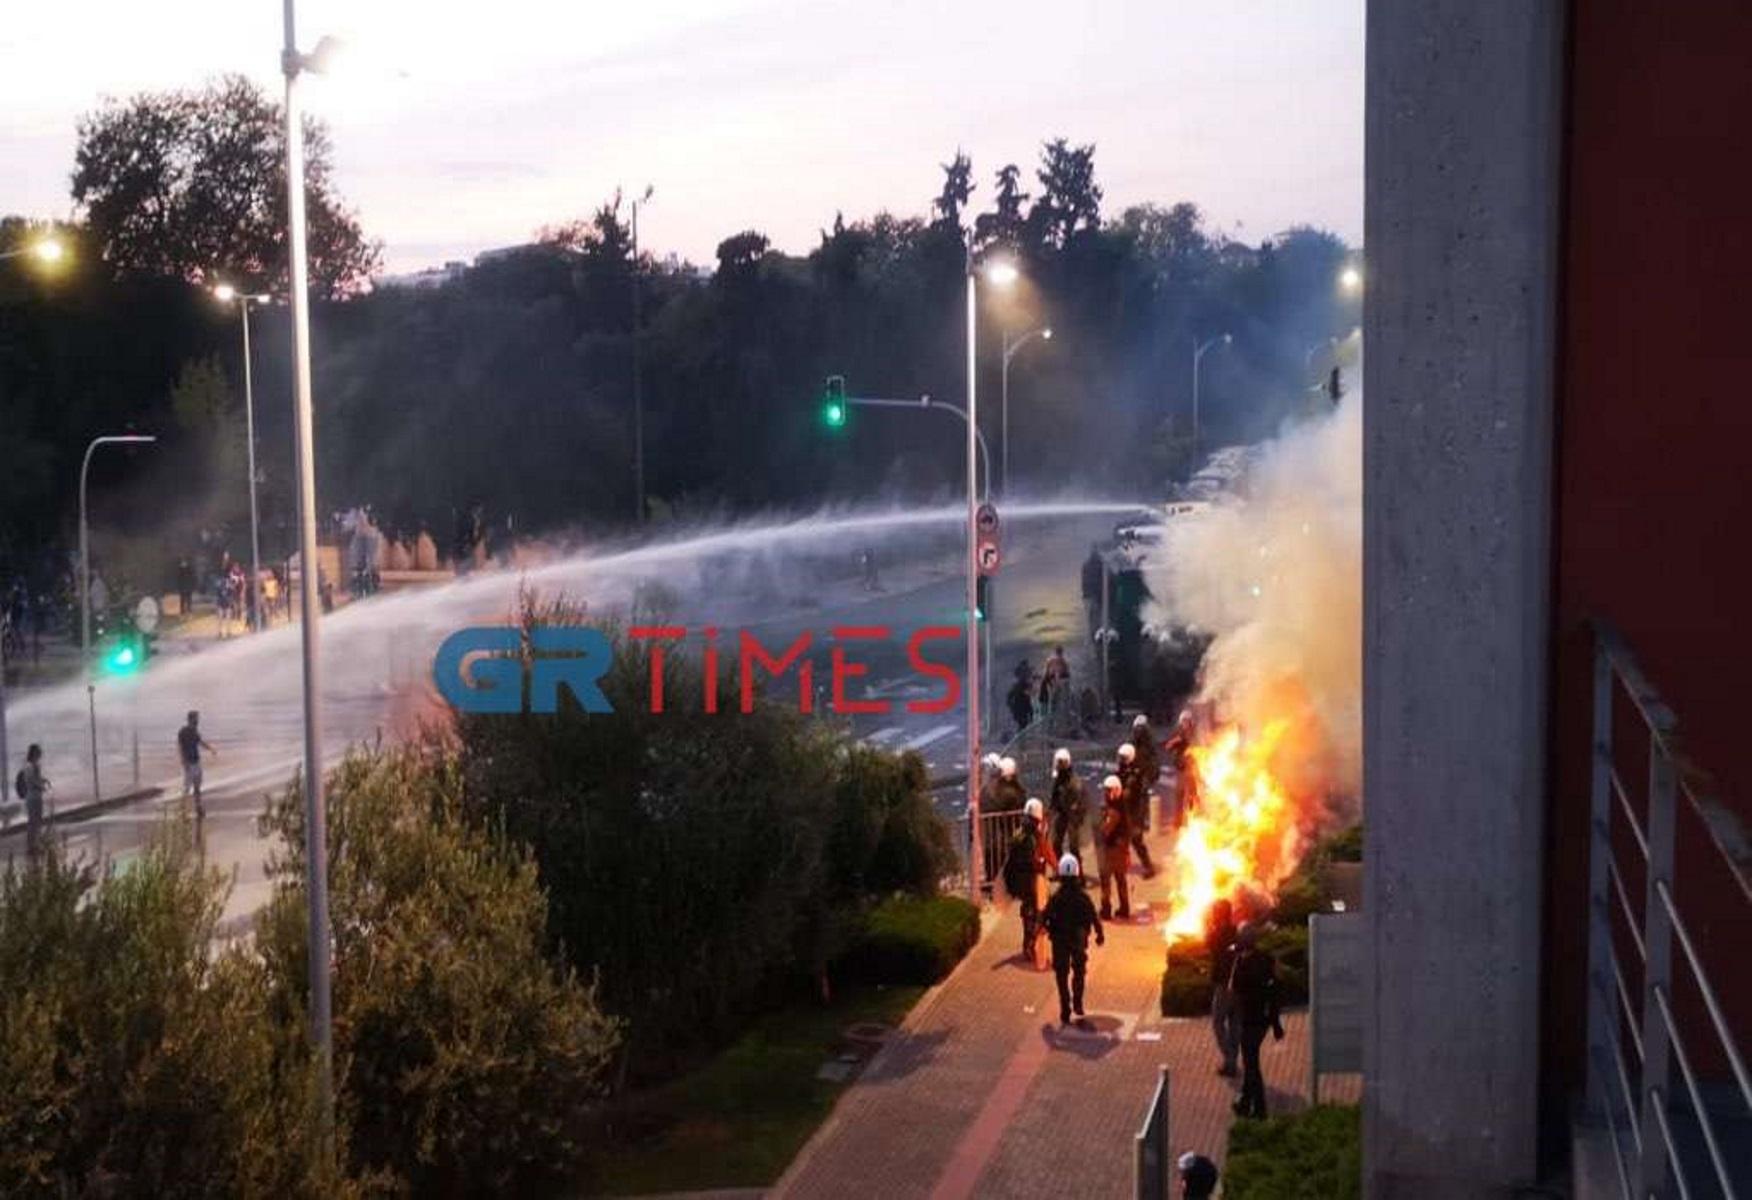 ΔΕΘ 2021: Επεισόδια κοντά στο Δημαρχιακό Μέγαρο Θεσσαλονίκης